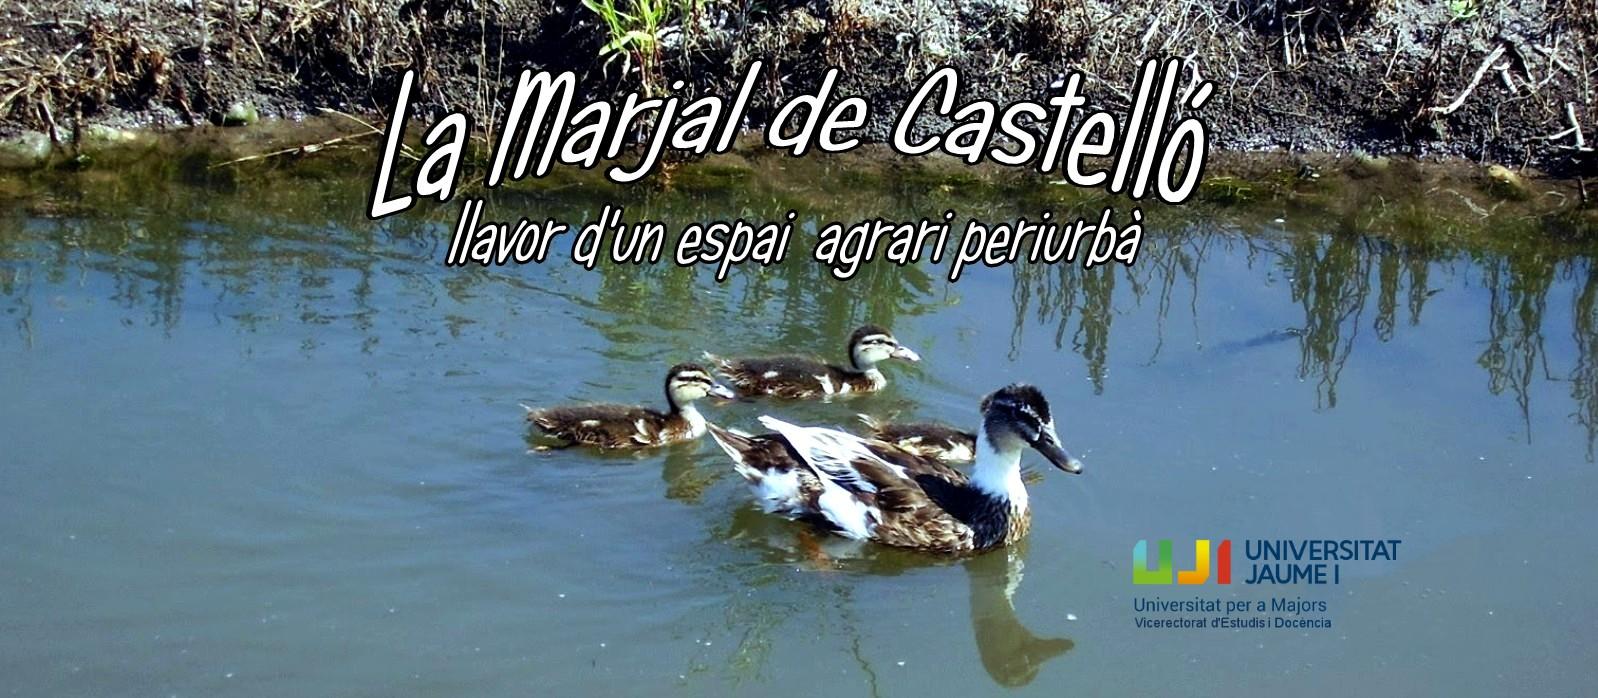 LA MARJAL DEL GRAU DE CASTELLÓ